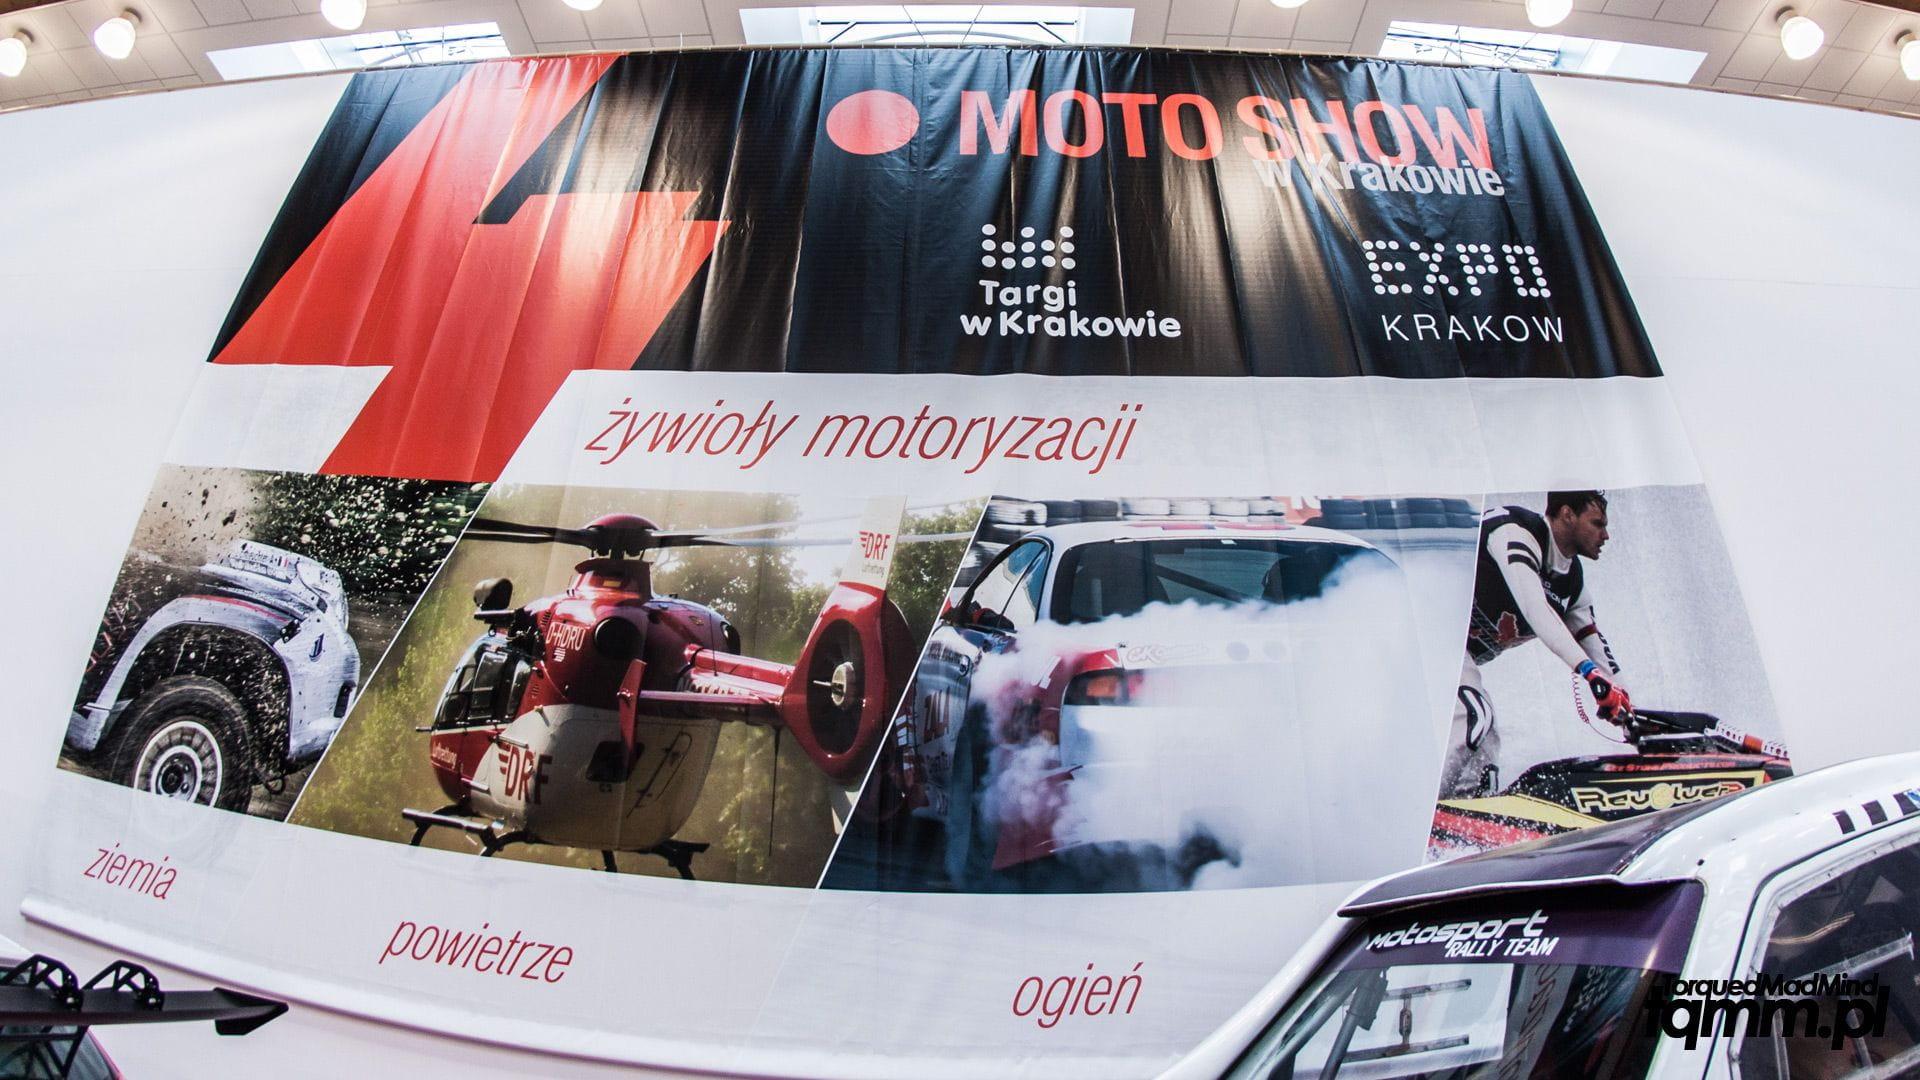 Fotki #91: Moto Show Kraków 2017